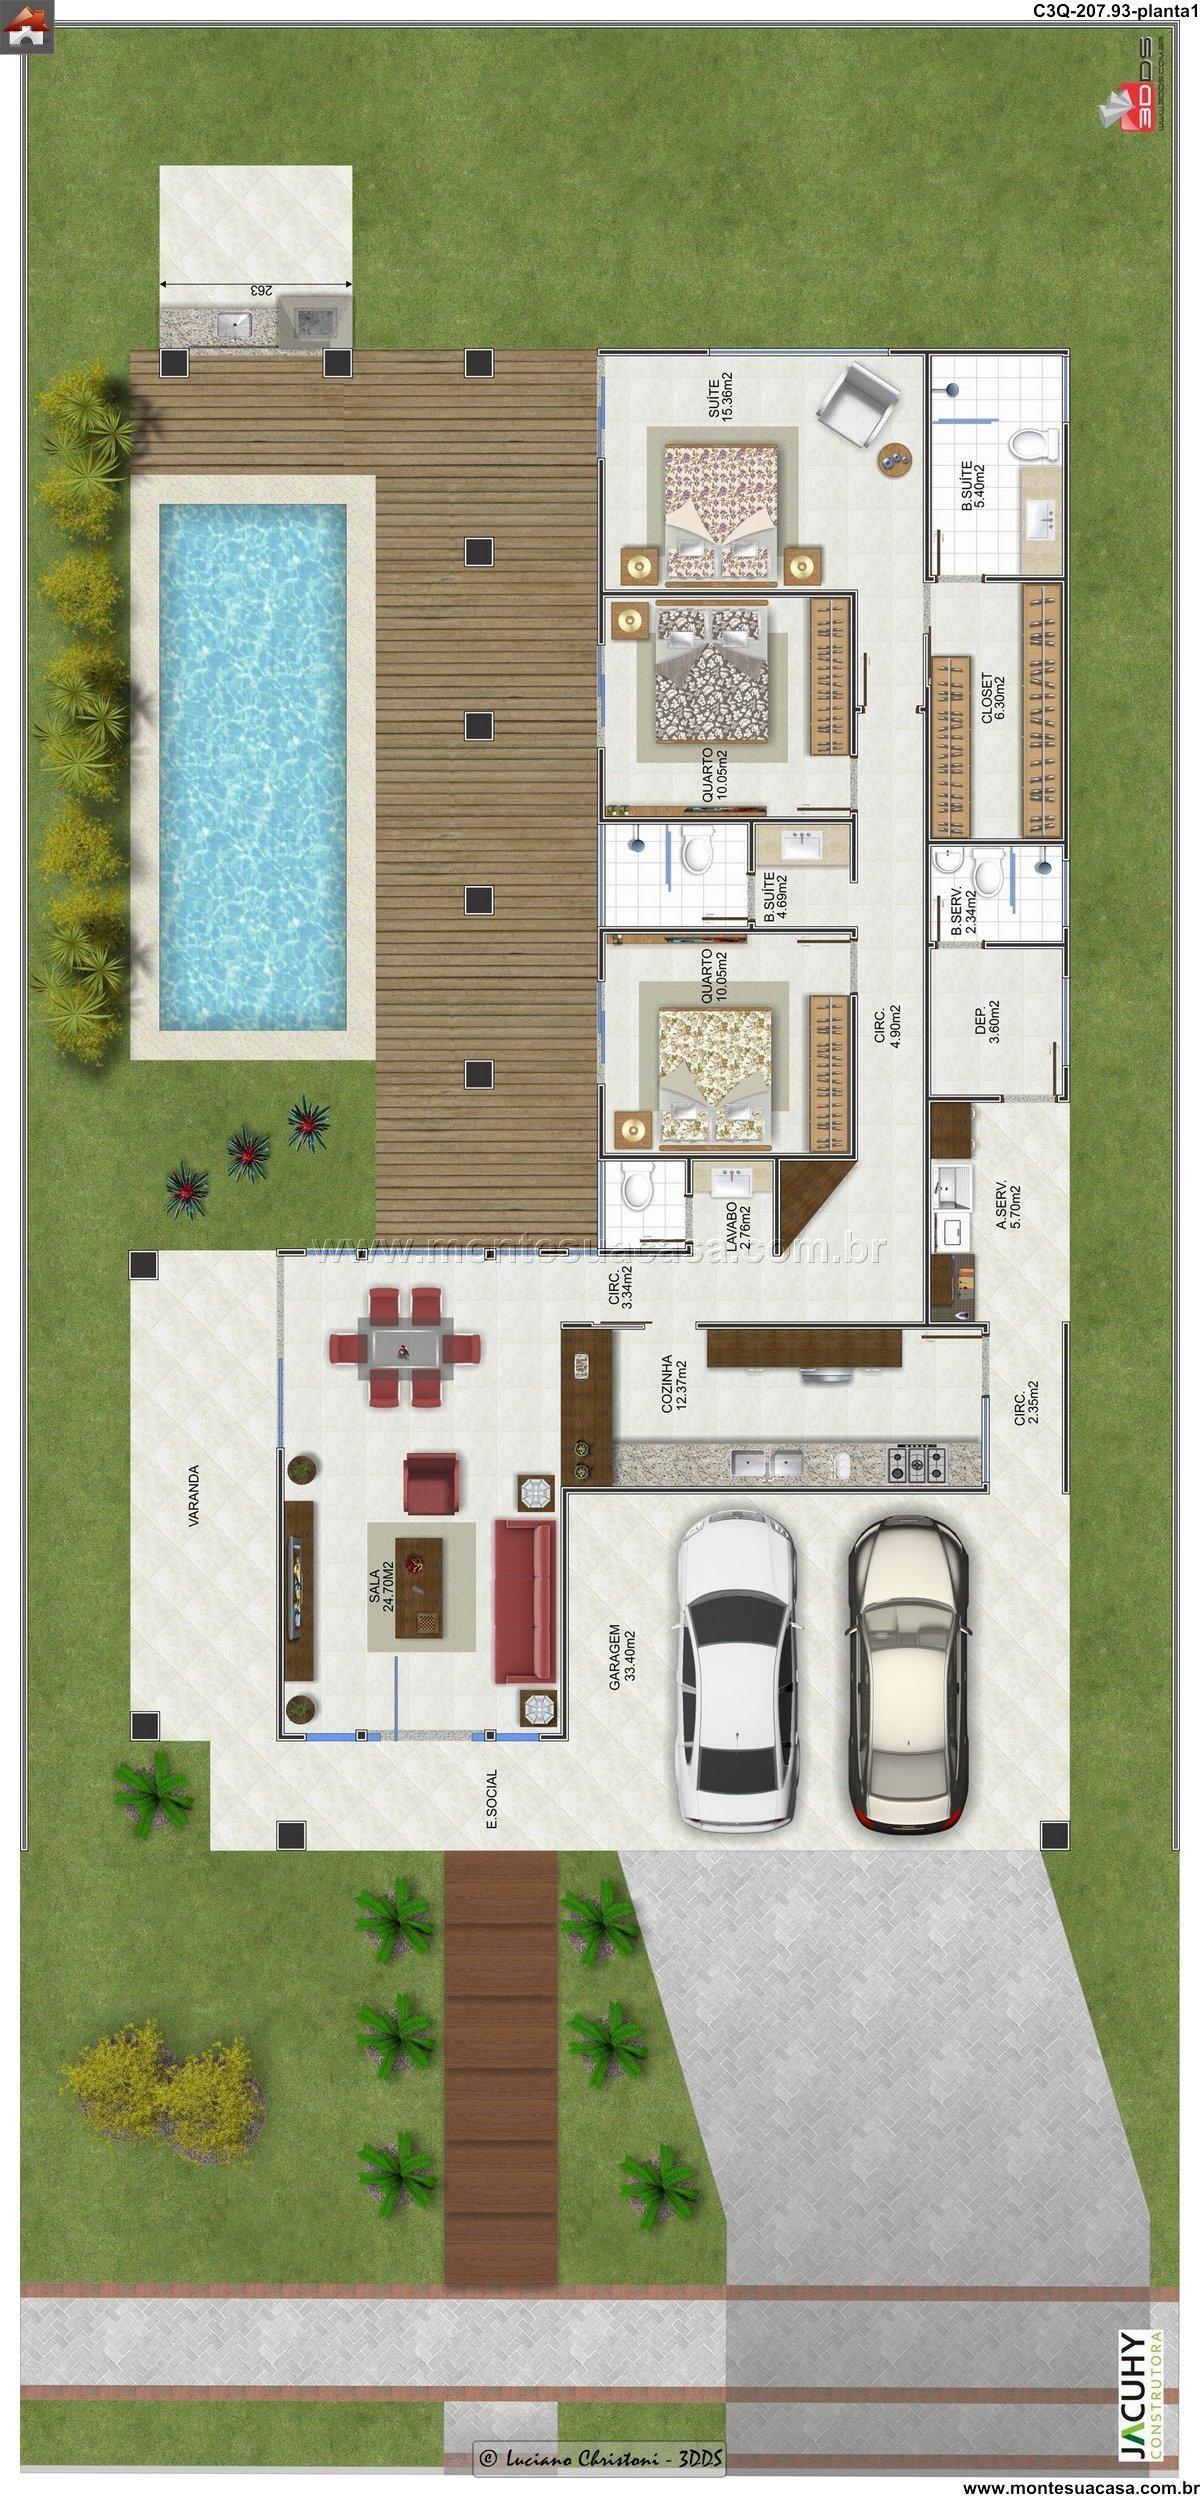 Casa 2 quartos architecture engineering arq for Casa moderna 90m2